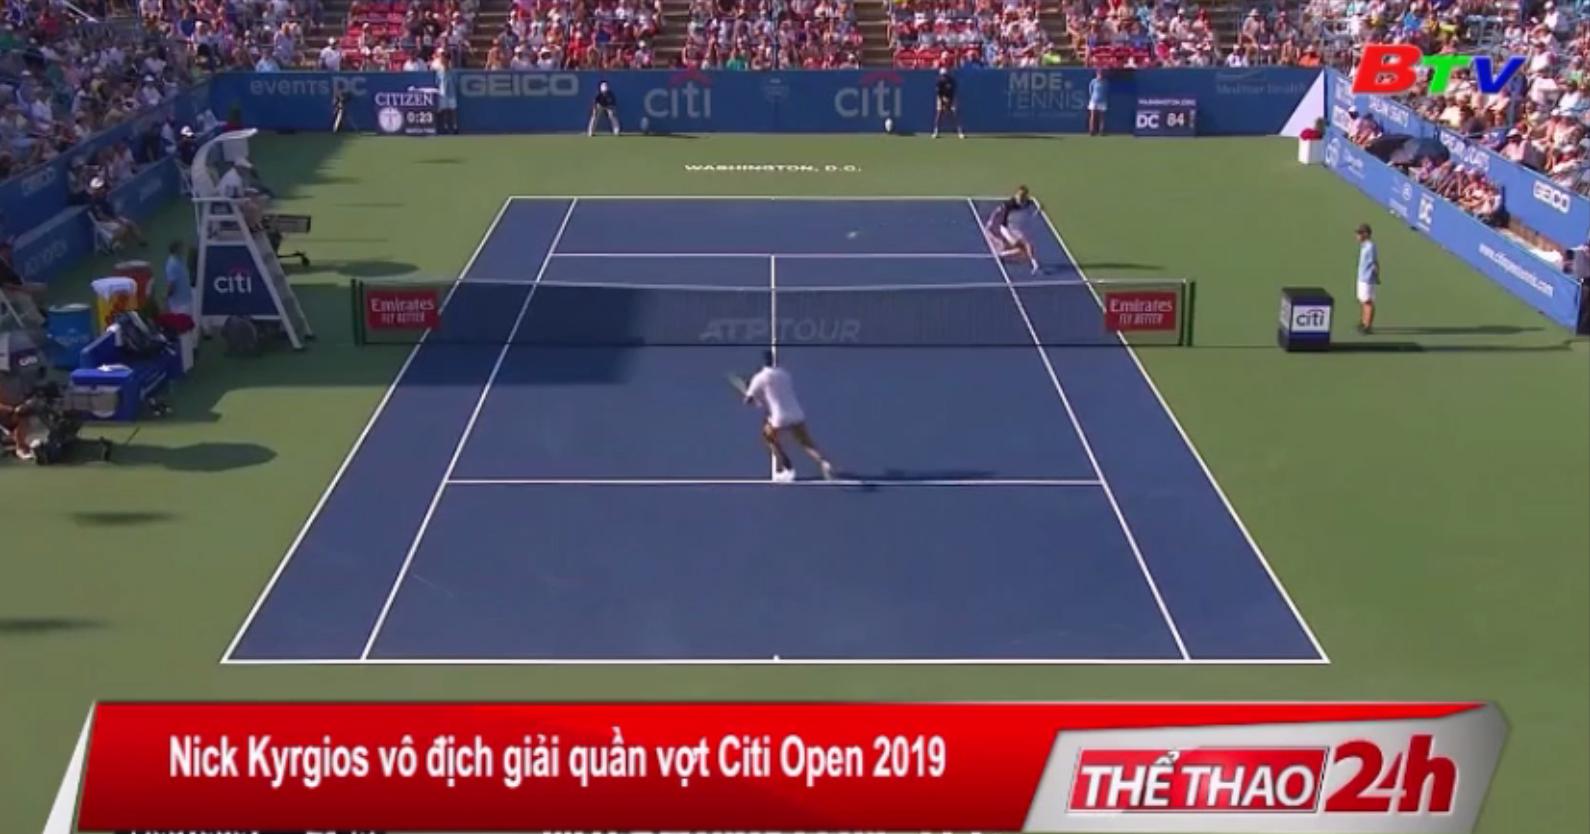 Nick Kyrgios vô địch Giải quần vợt Citi Open 2019